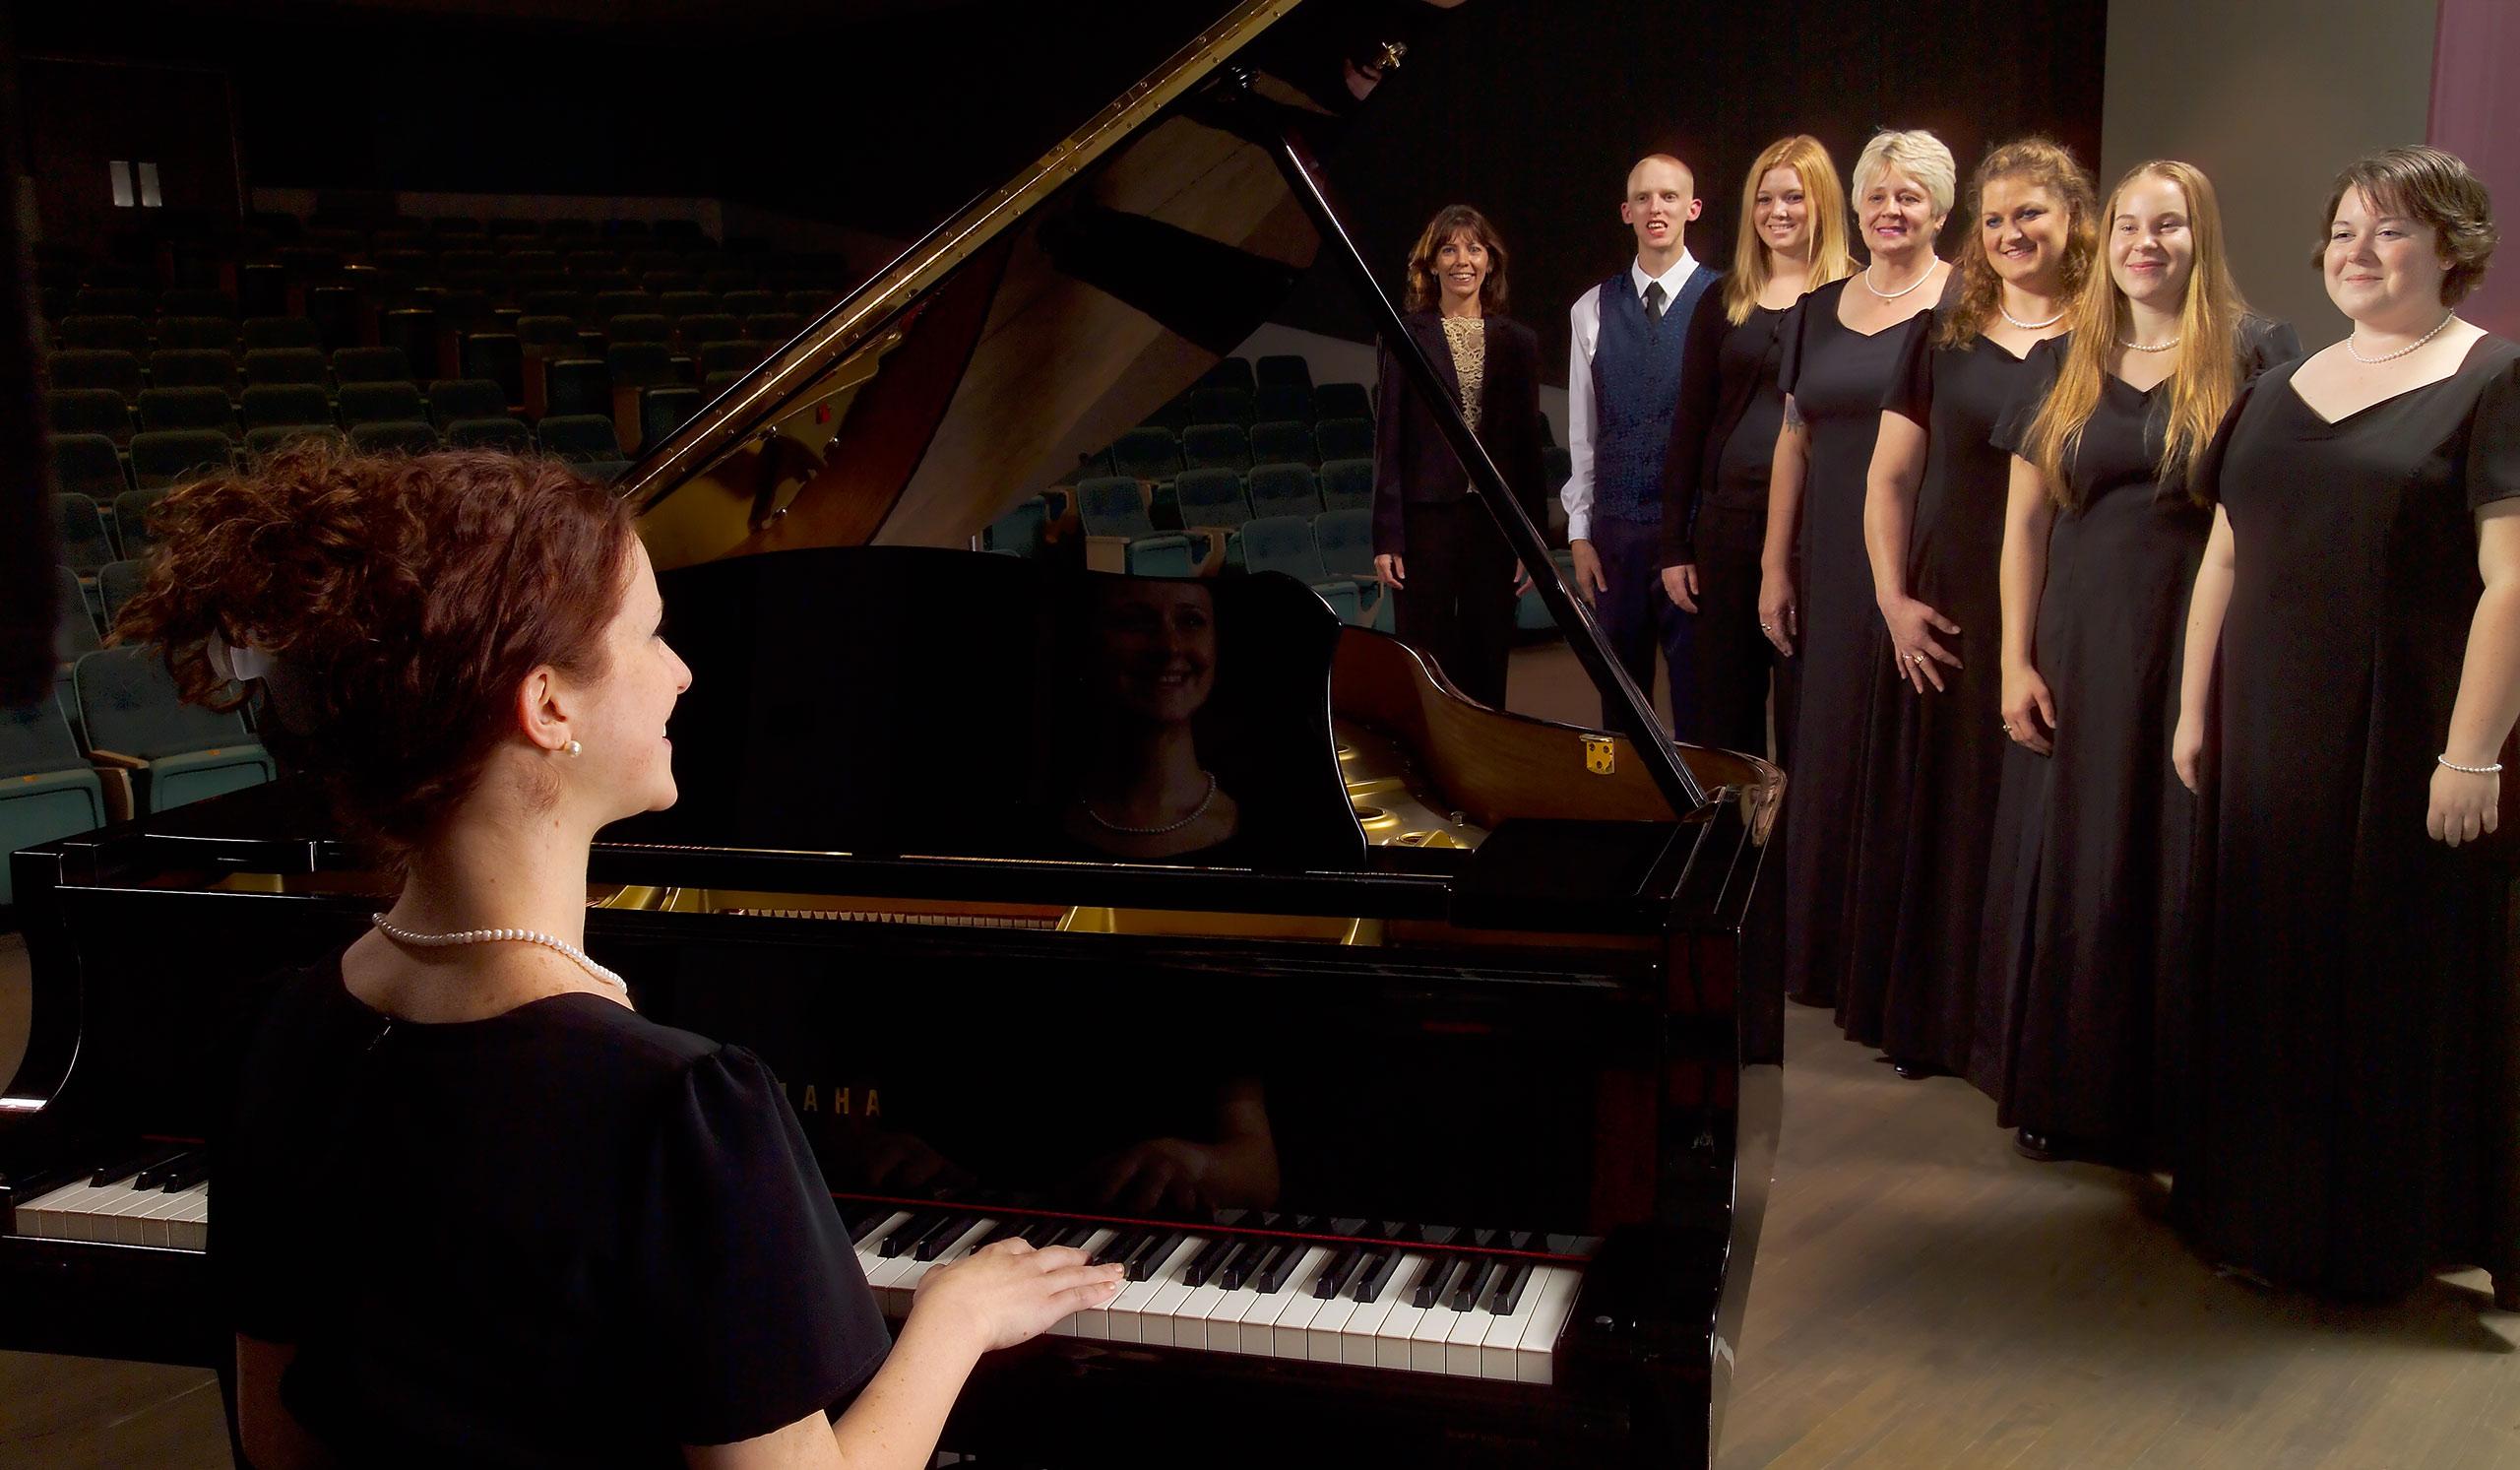 Pianist, choir students and teacher